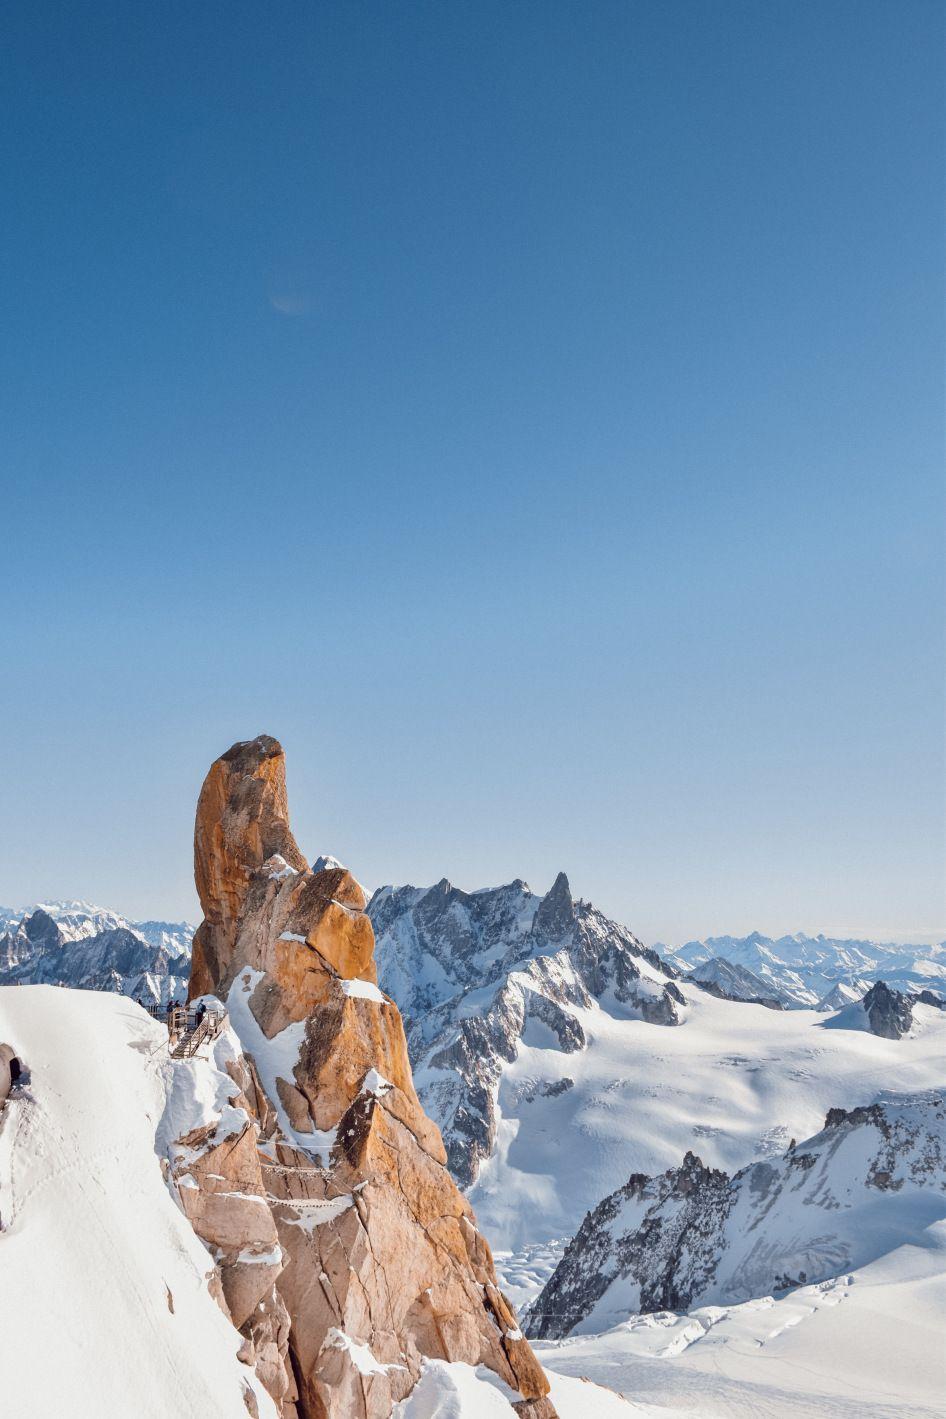 La Visite De L Aiguille Du Midi Au Plus Pret Du Mont Blanc A Chamonix Avec Images Mont Blanc Chamonix Aiguille Du Midi